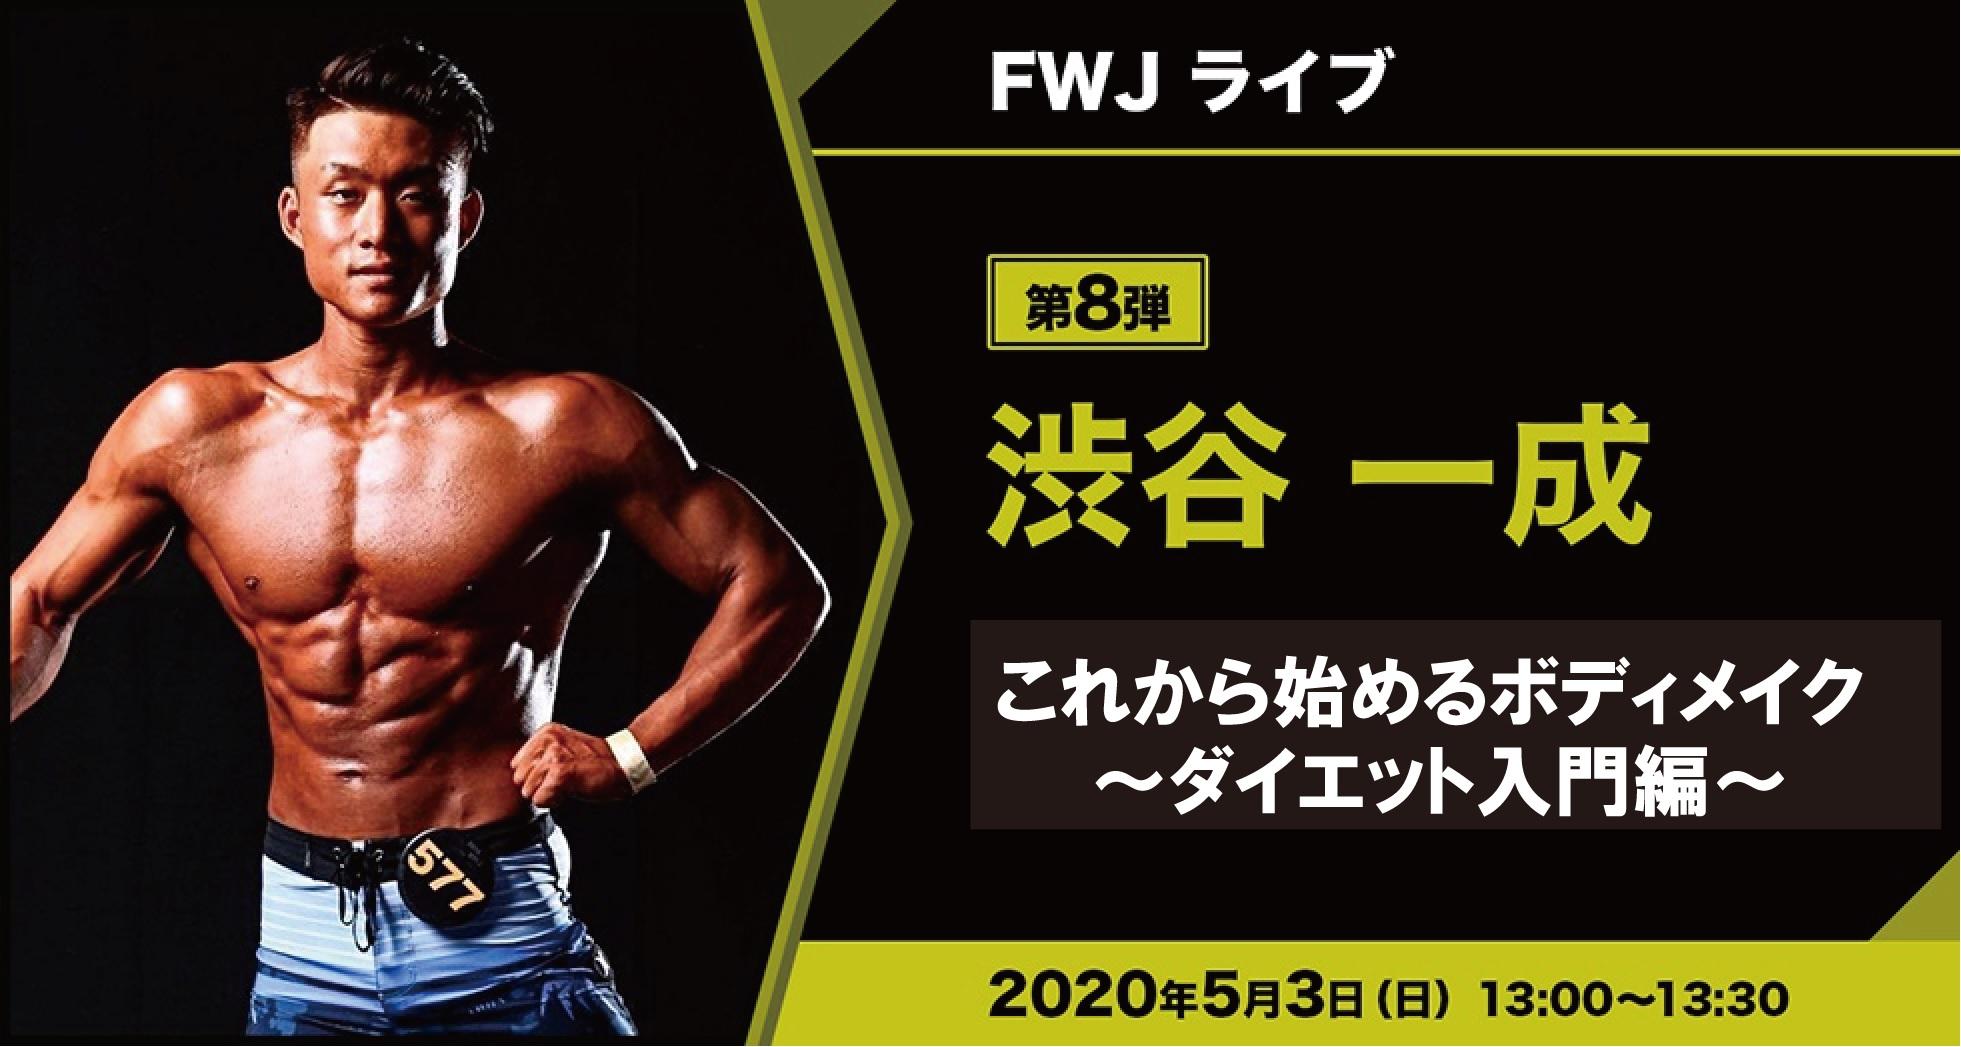 FWJライブ第8弾「渋谷 一成」これから始めるボディメイク~ダイエット入門編~